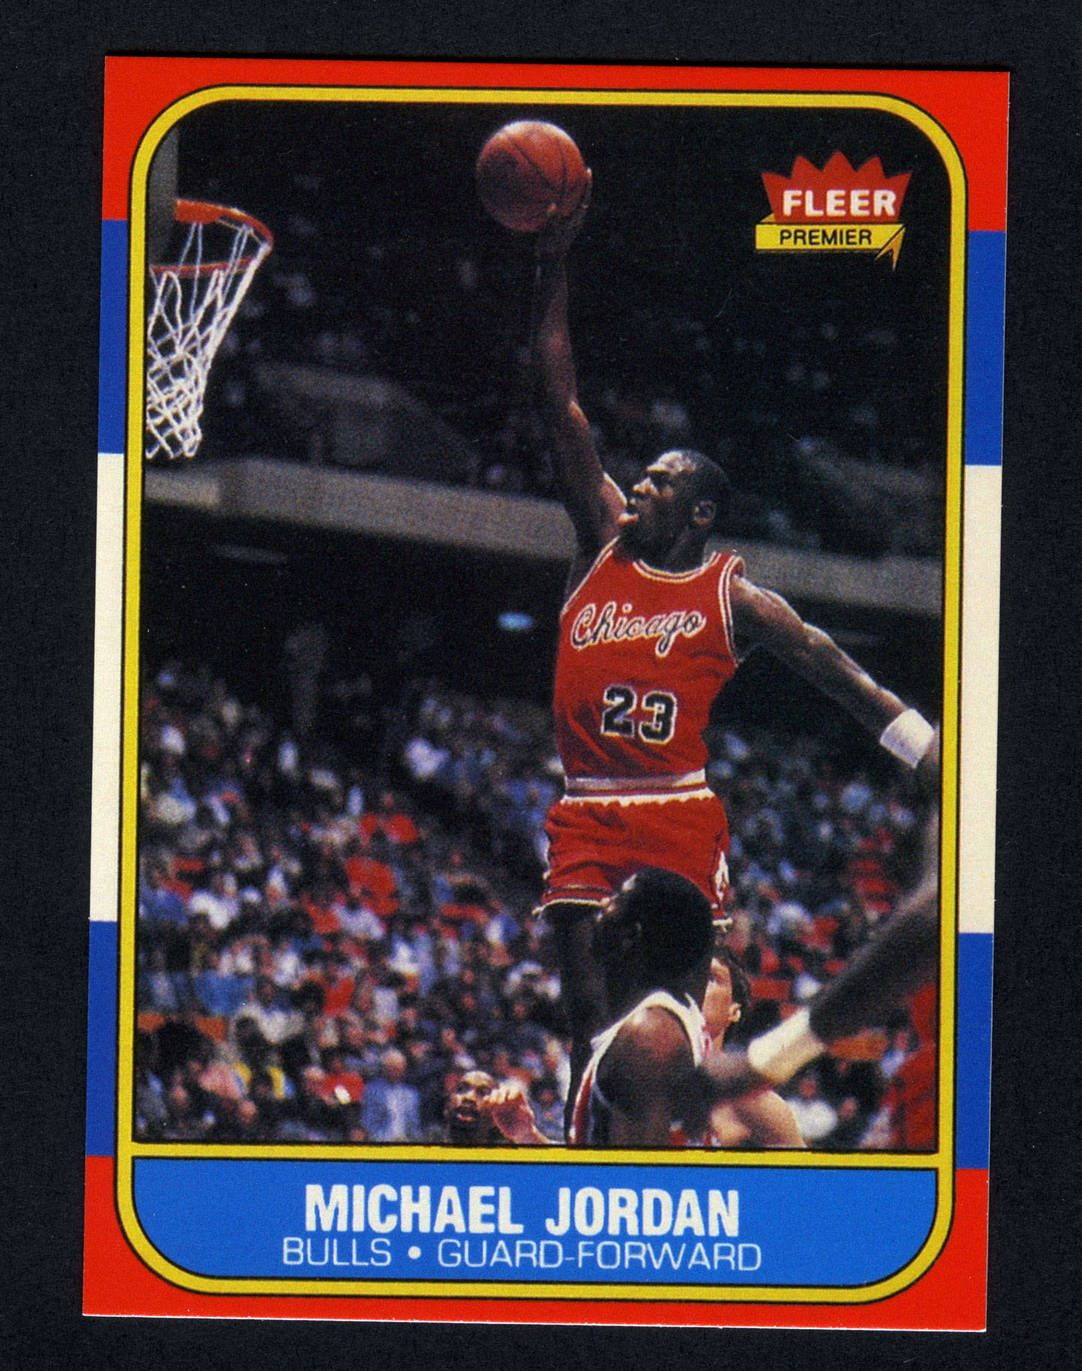 198687 Fleer Michael Jordan Rookie Card Sports Heroes